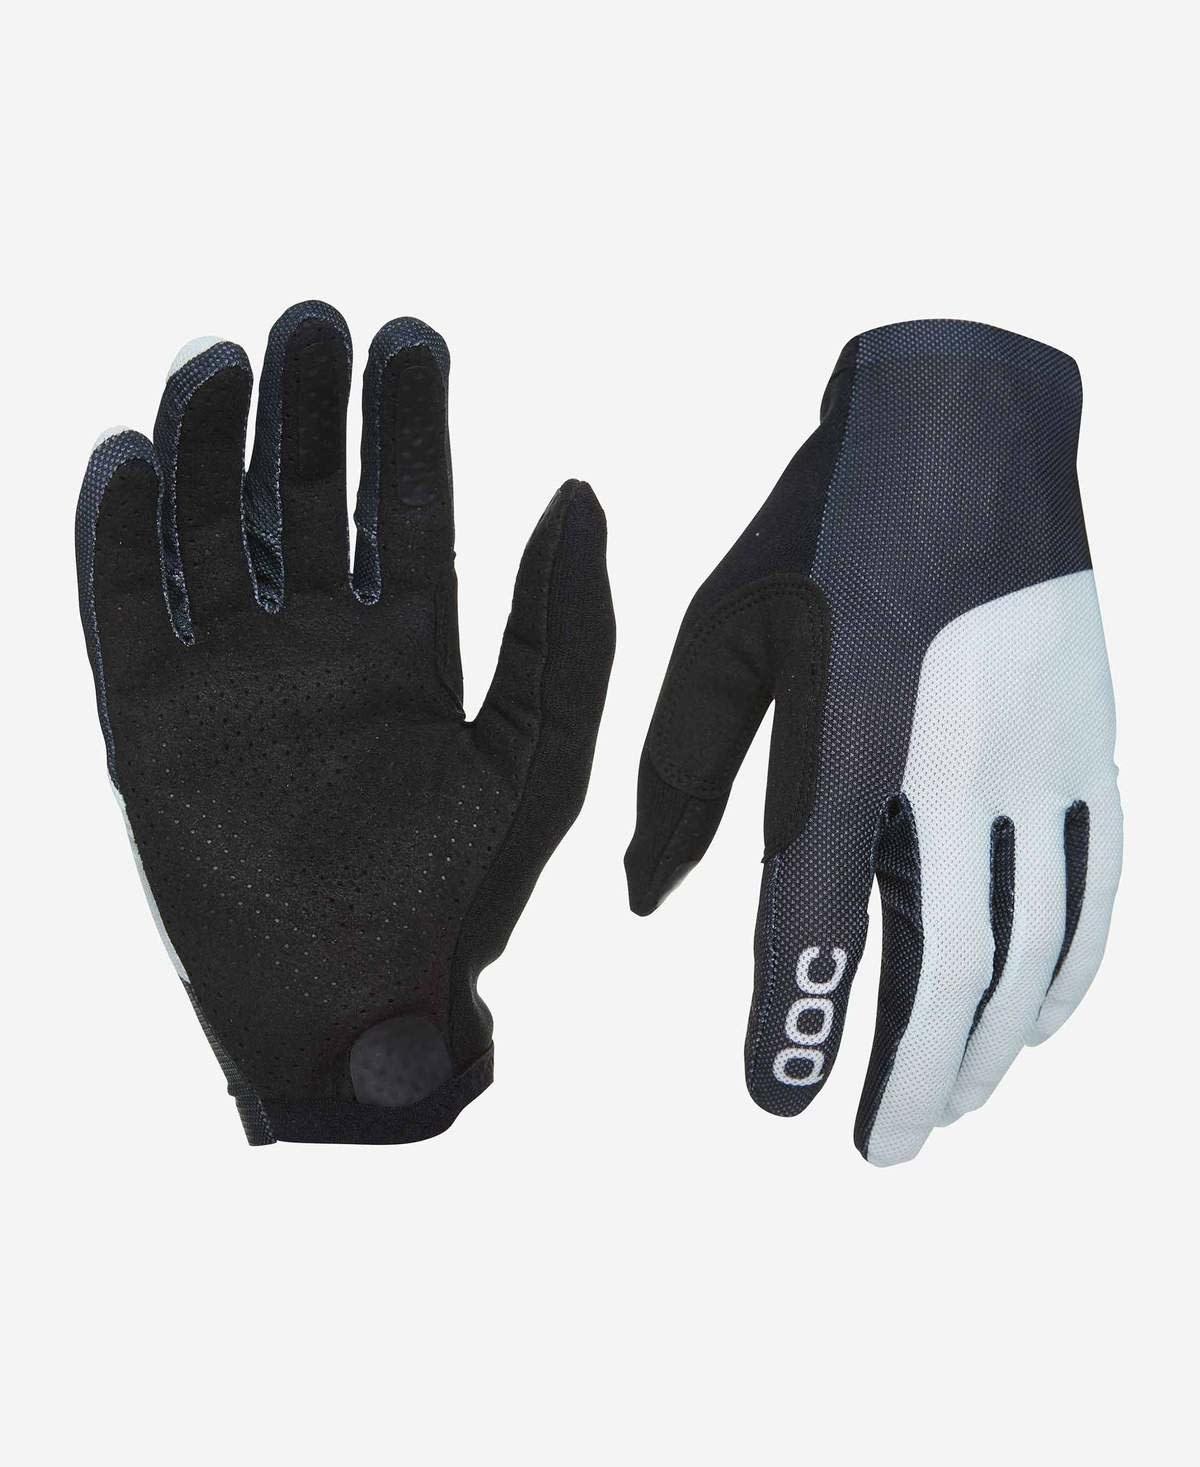 POC POC Essential Mesh Glove